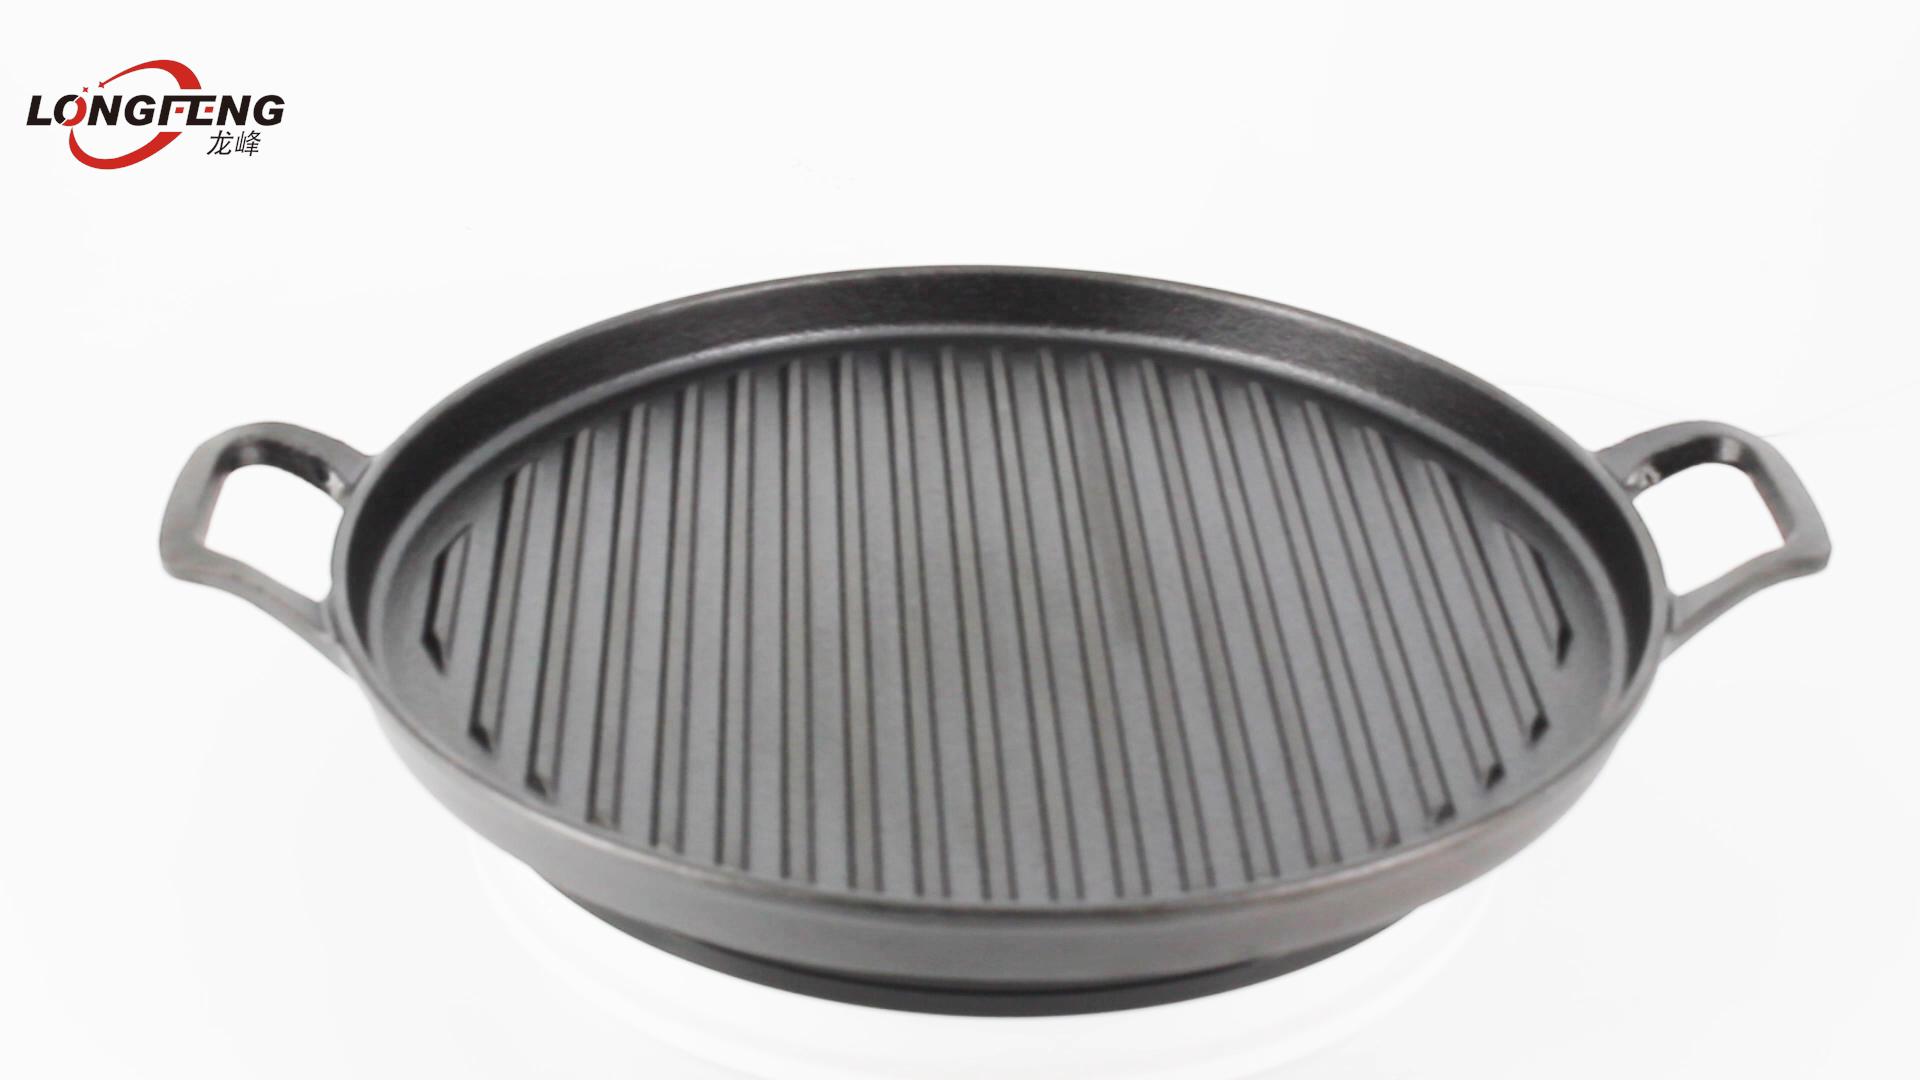 Hoge Kwaliteit Preseasoned Gietijzeren Grill Pan 31Cm Ronde Gietijzeren Platte Bakplaat